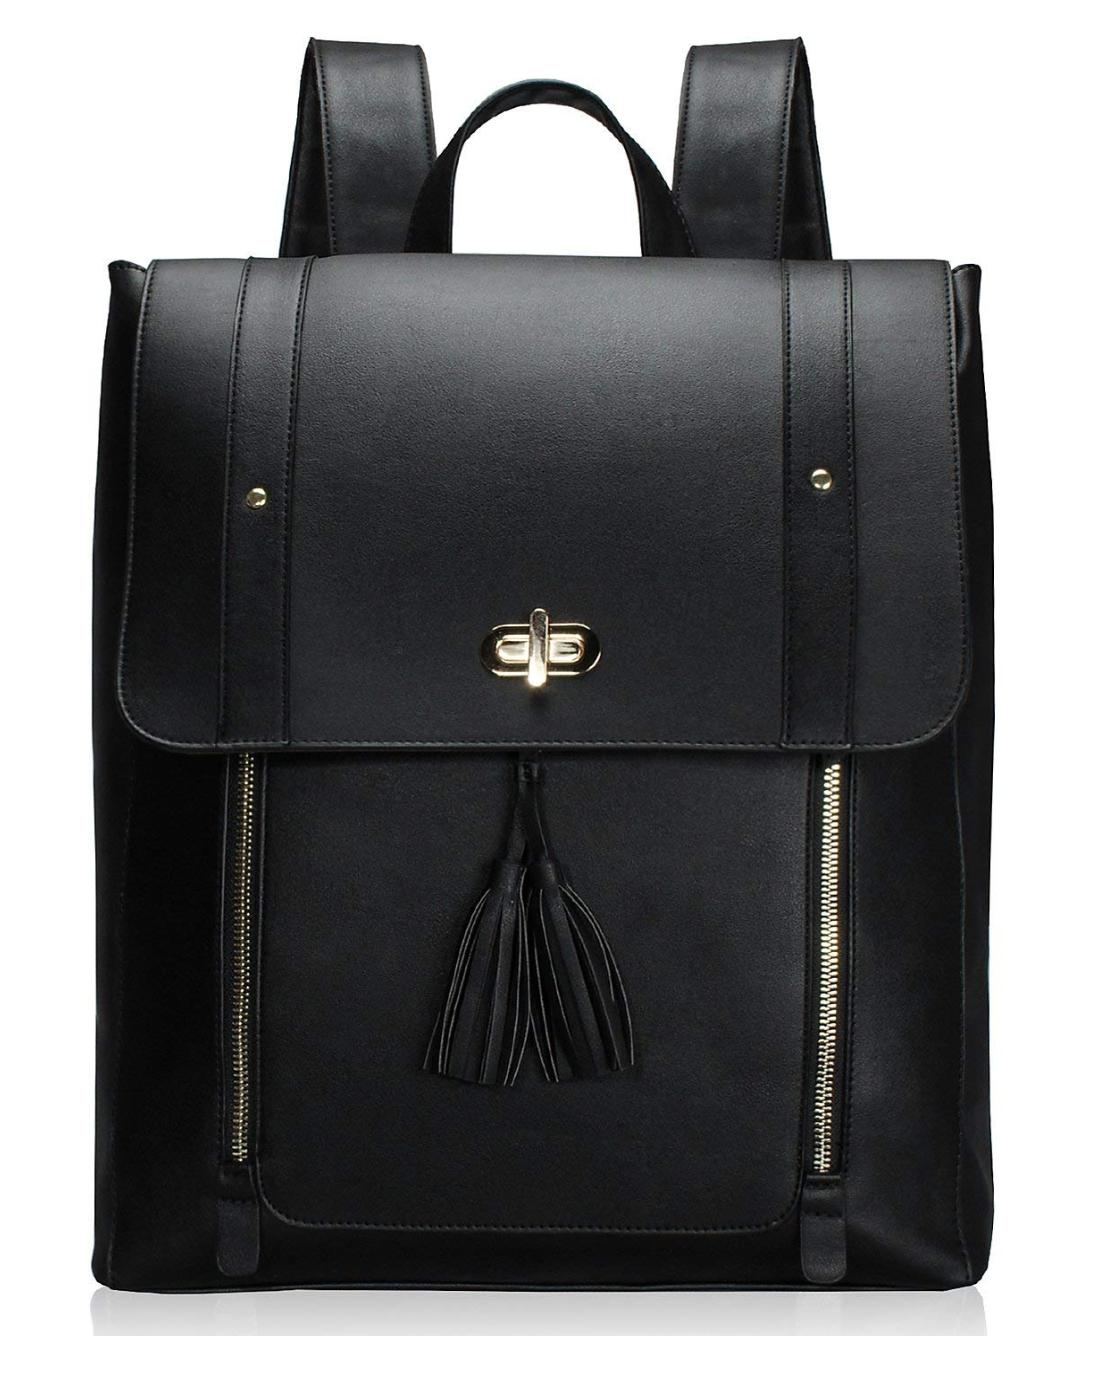 ESTARER Women PU Leather Backpack 15.6inch Laptop Vintage College School Rucksack Bag (Black)